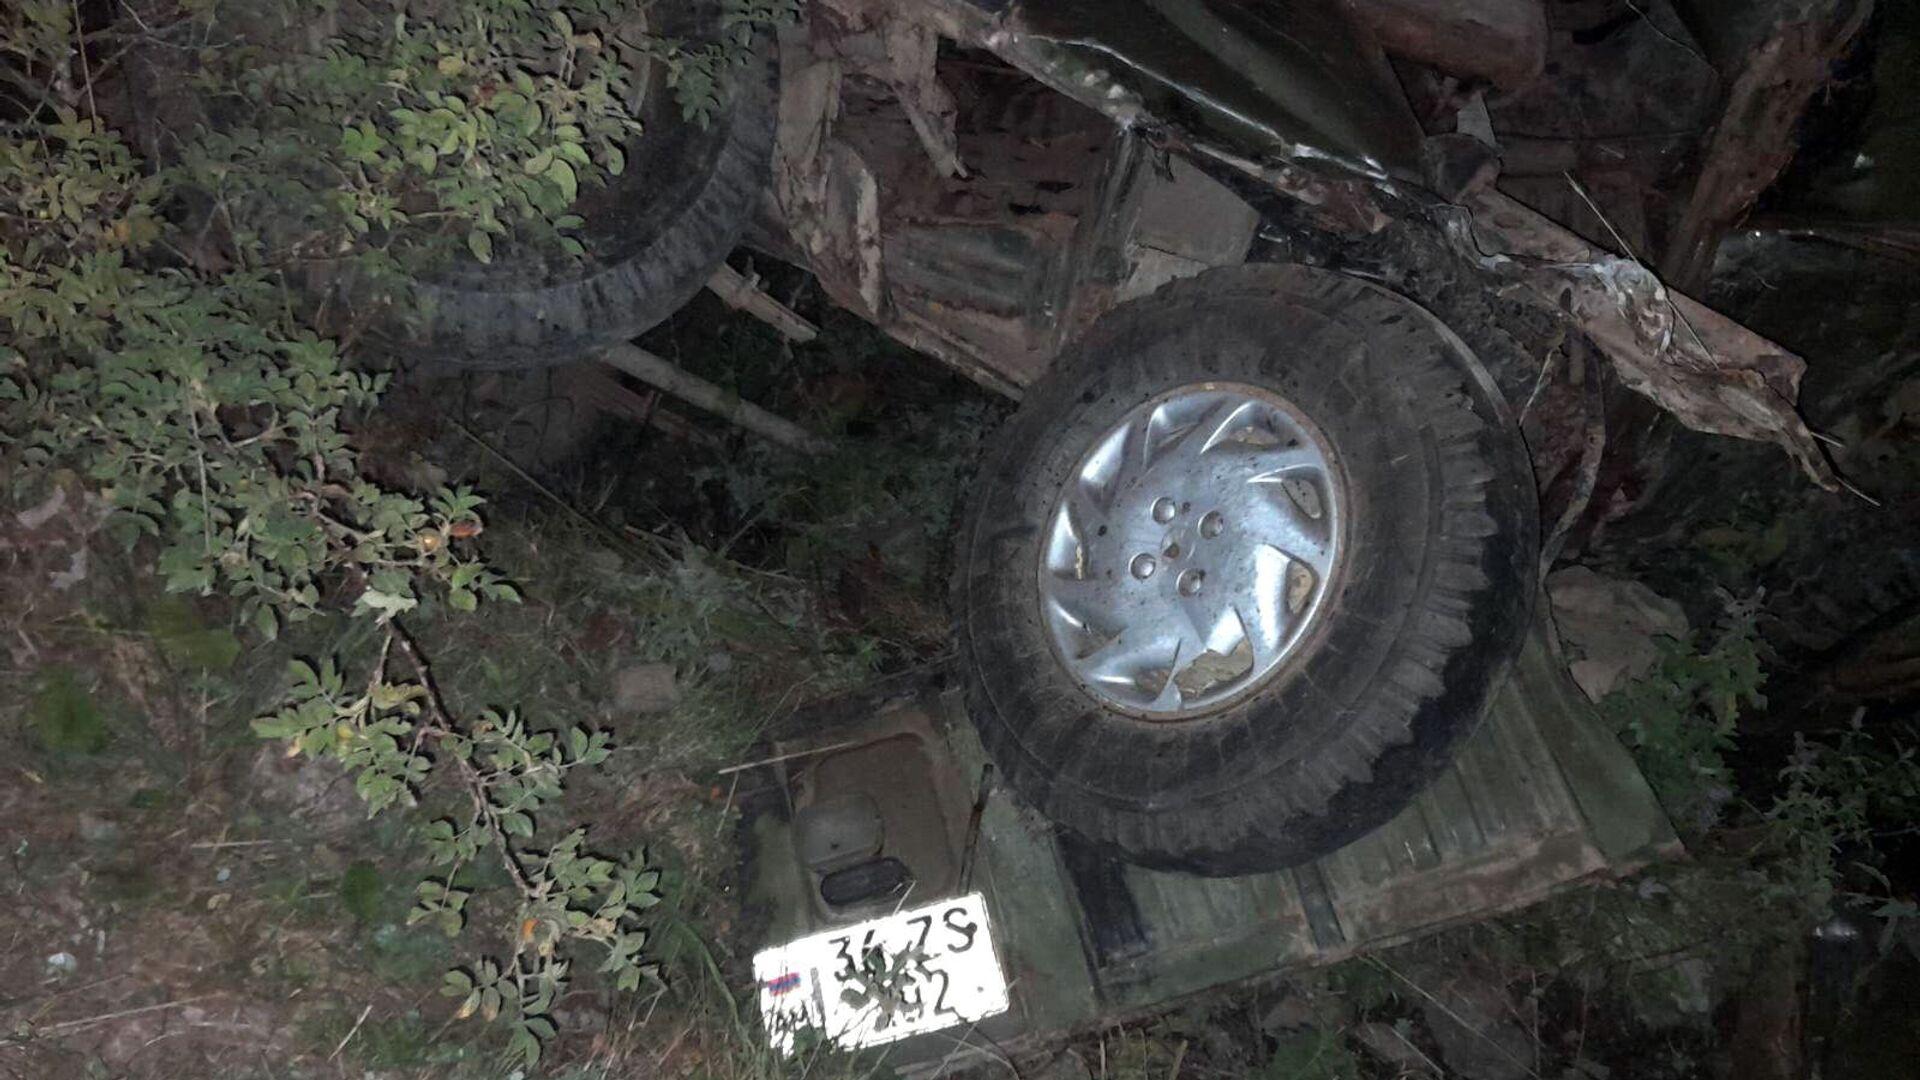 Дорожно-транспортное происшествие в Тавушской области - Sputnik Армения, 1920, 19.09.2021